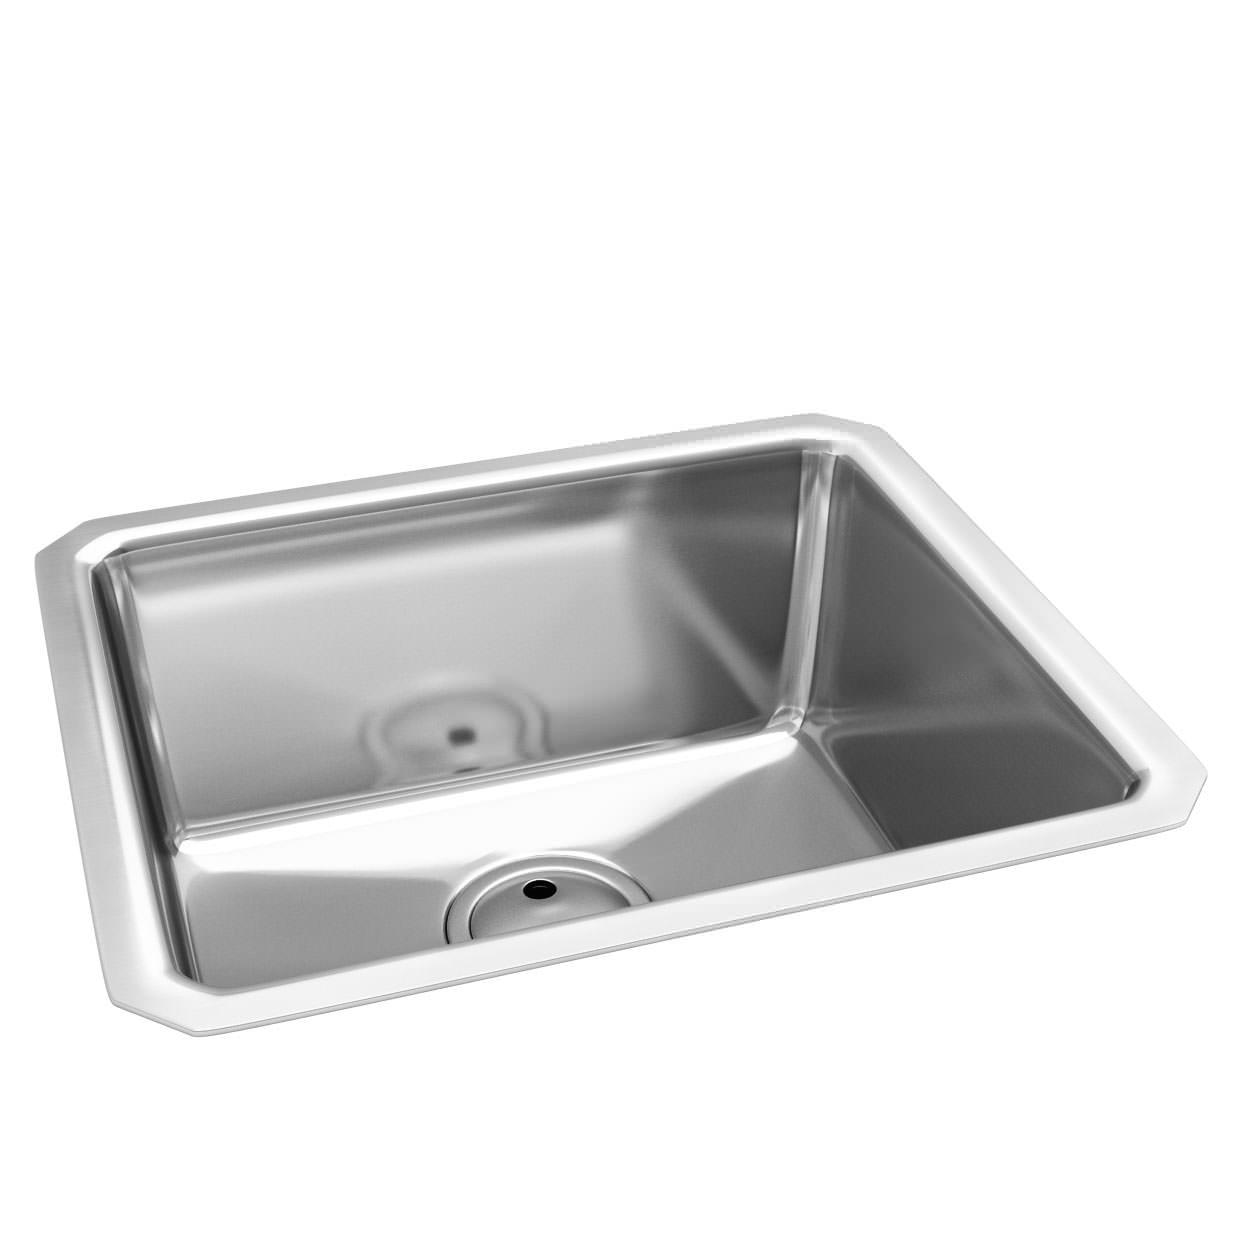 Abode matrix r25 stainless steel kitchen sink large bowl 10 abode matrix r25 stainless steel large bowl 10 kitchen sink workwithnaturefo